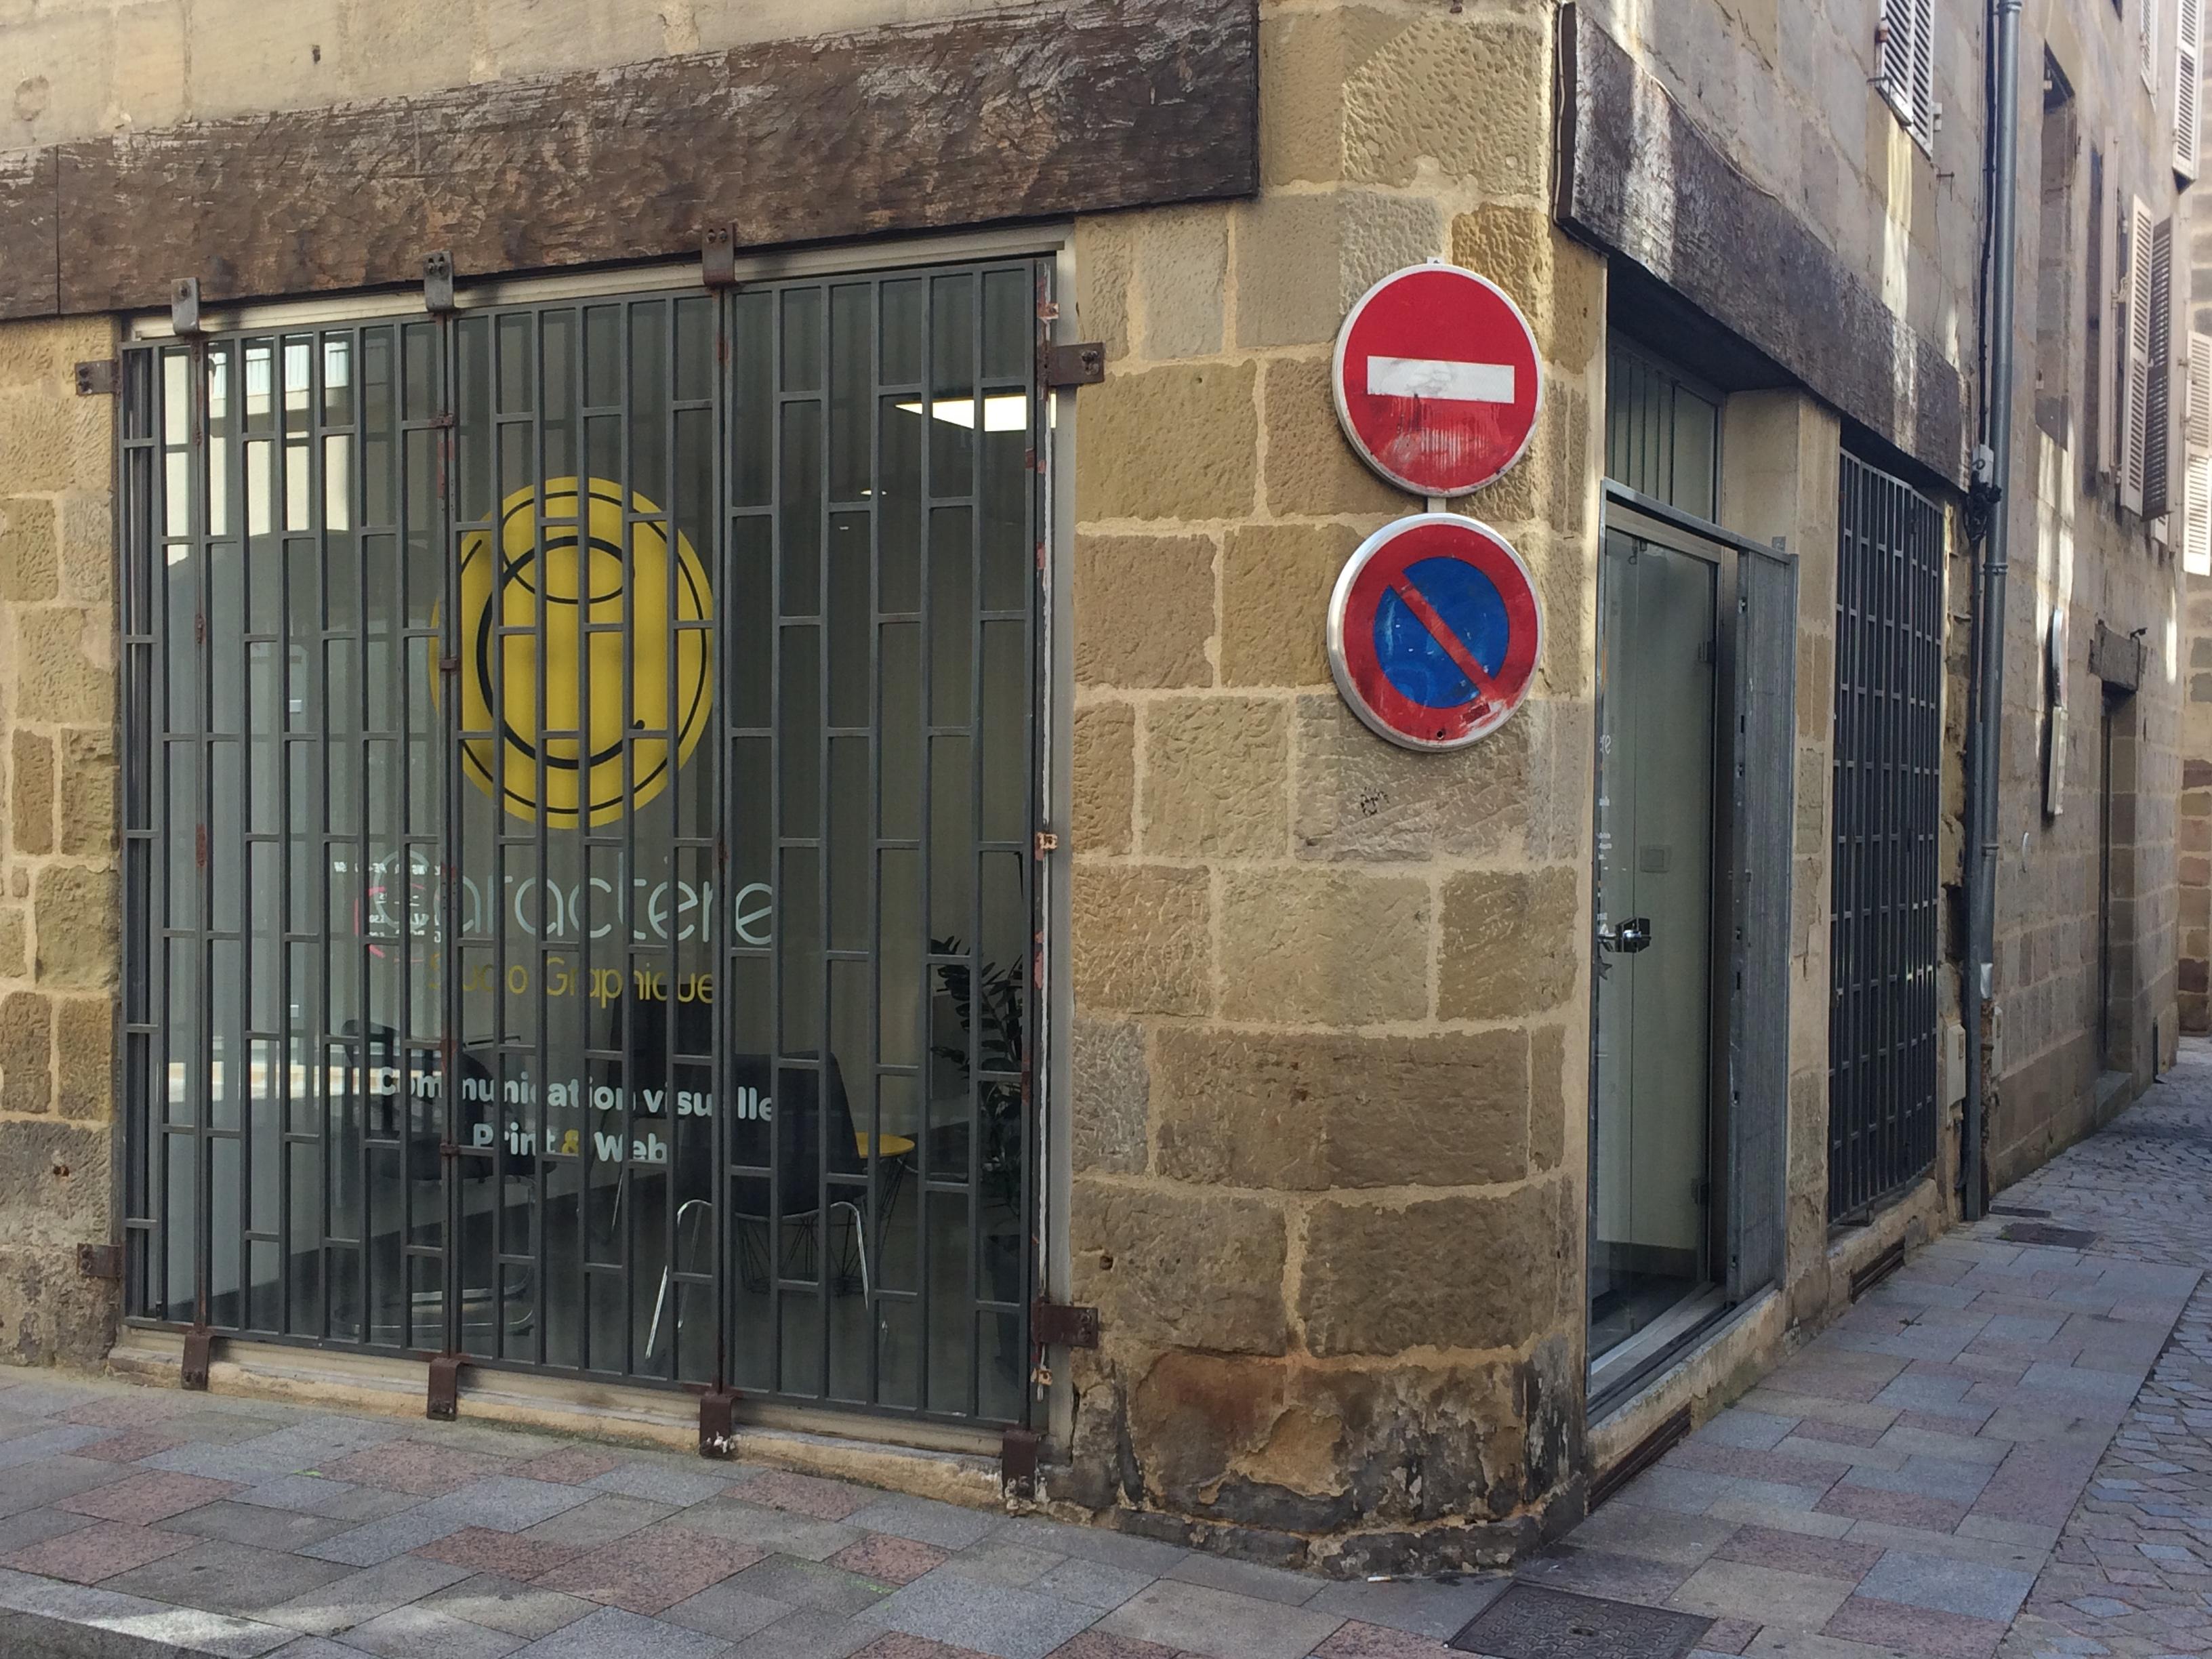 Caractère Studio Graphique